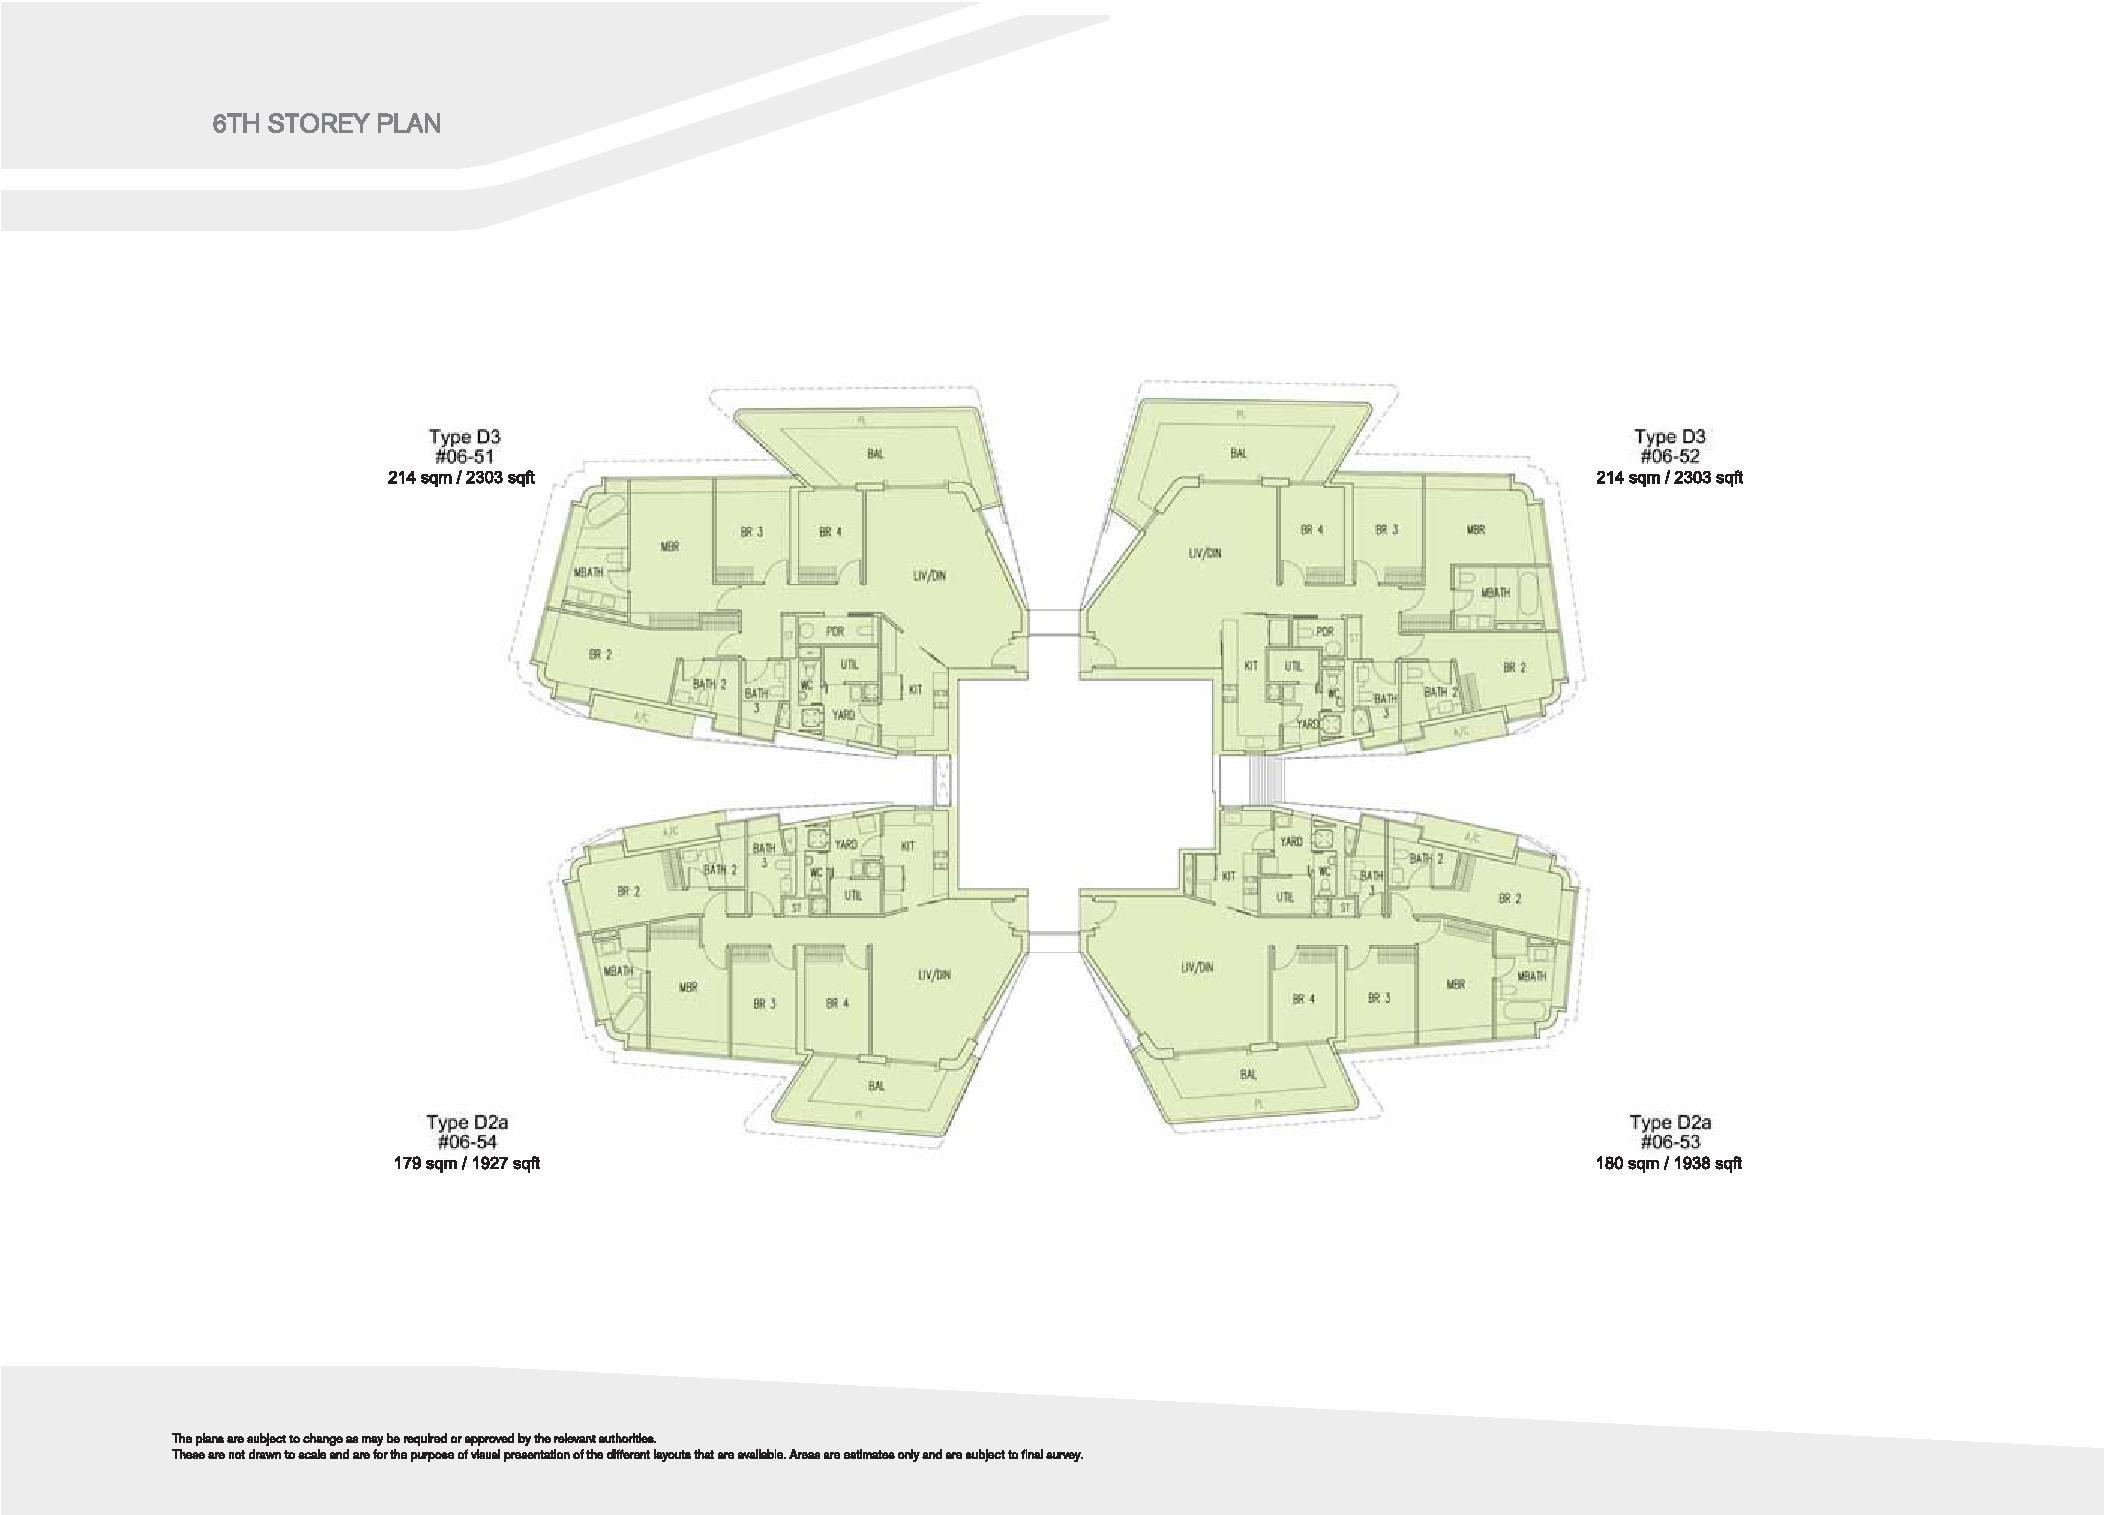 D'Leedon Block 15 6th Storey Floor Plans